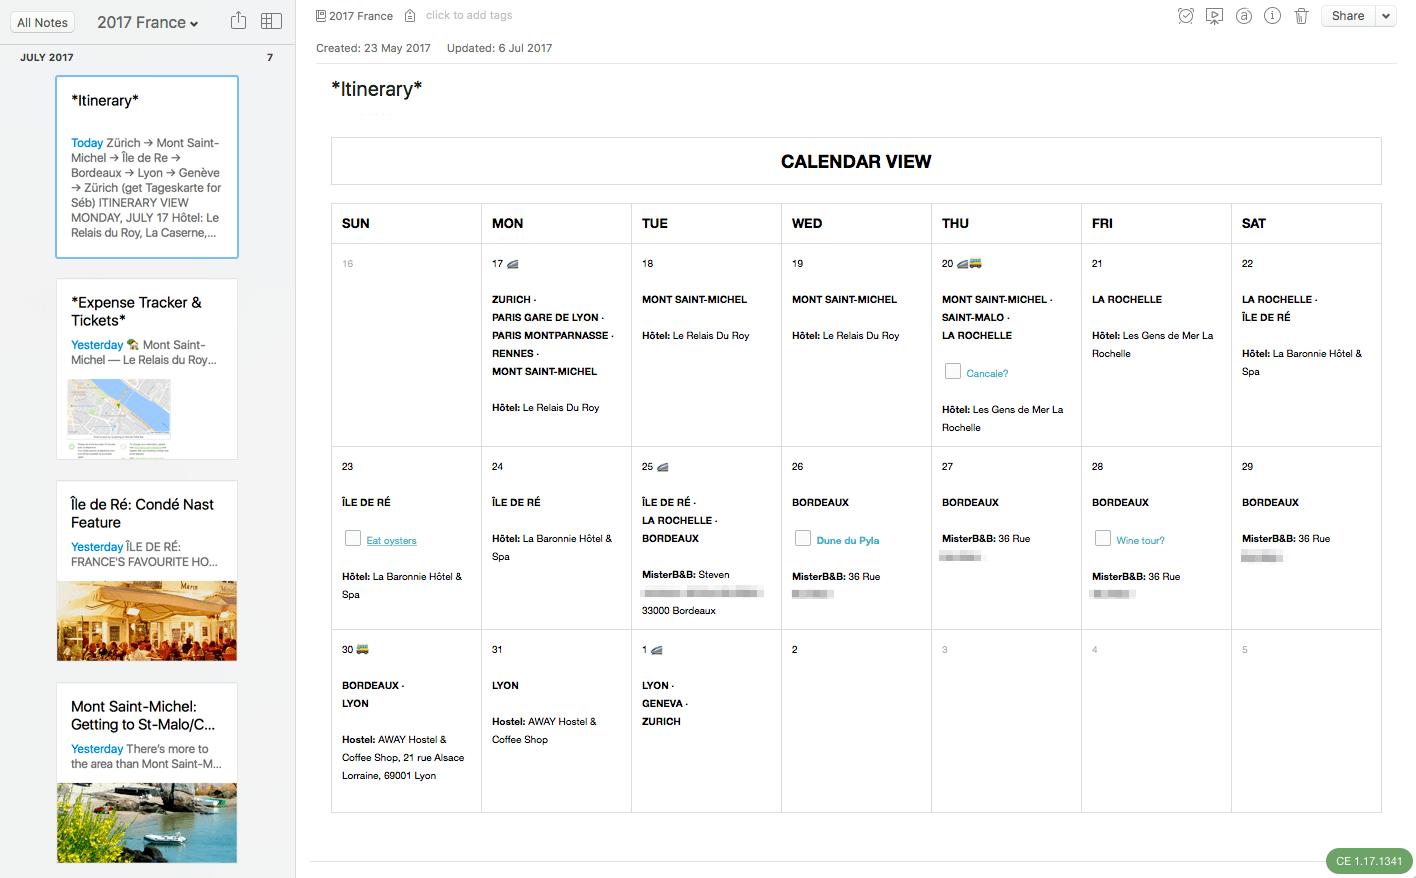 Kalender mit Reisedaten